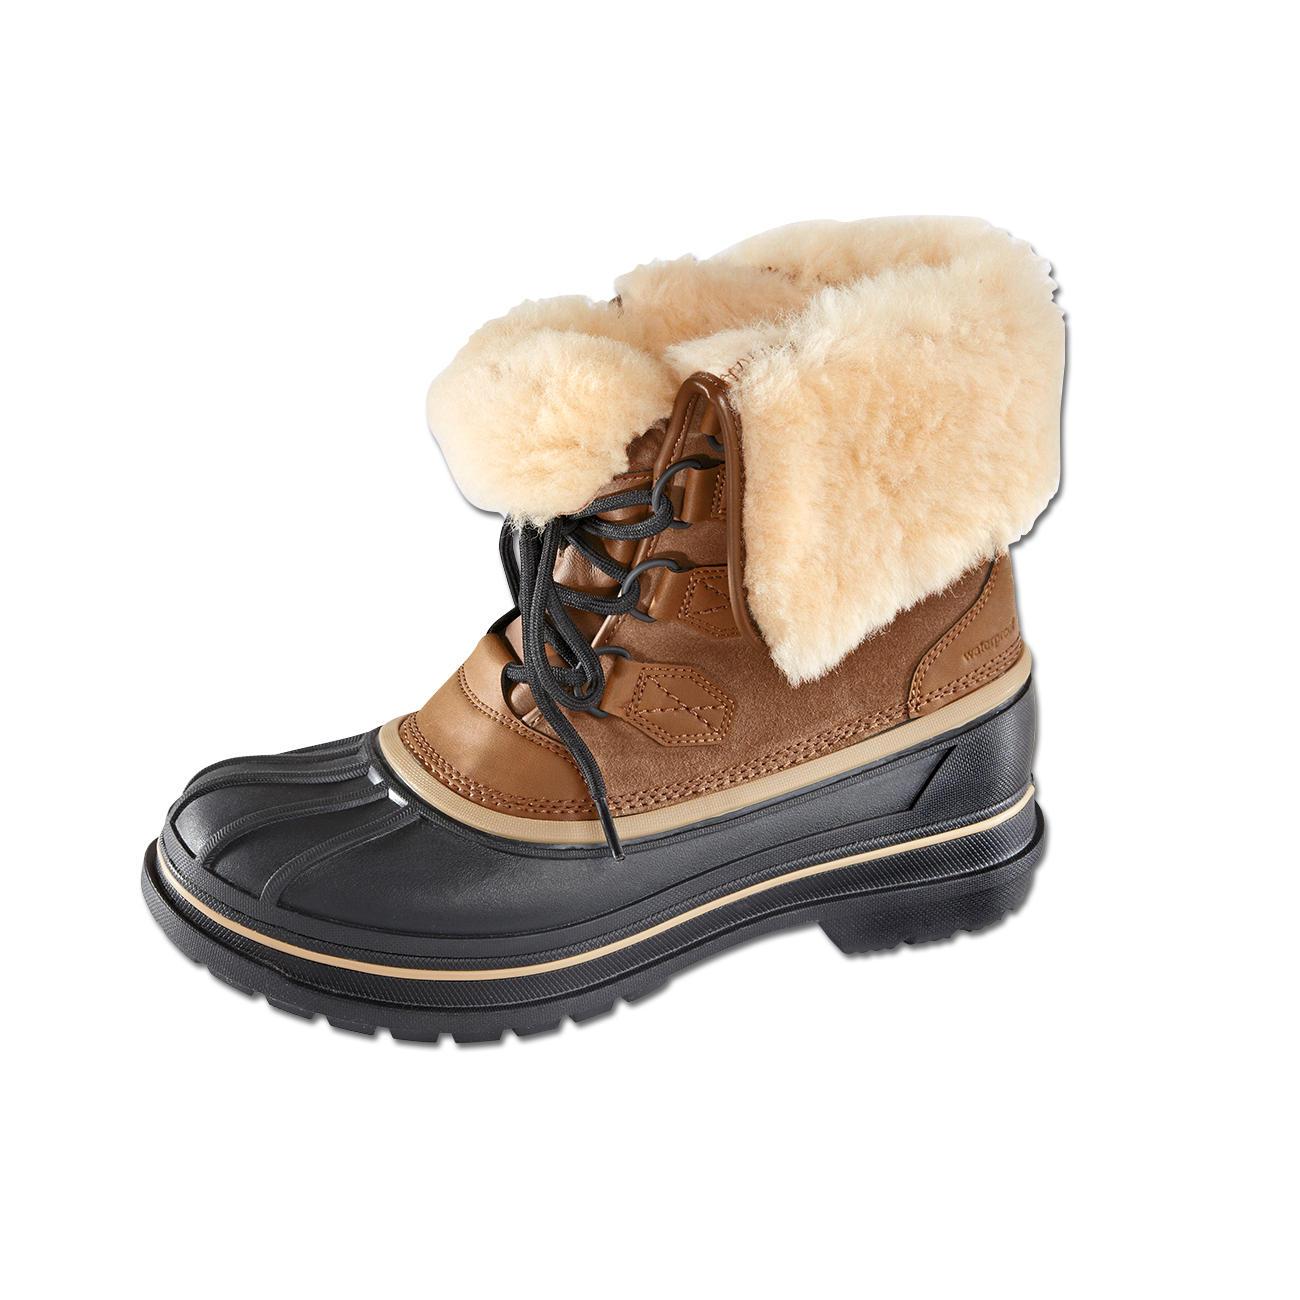 crocs herren winter boots mode klassiker entdecken. Black Bedroom Furniture Sets. Home Design Ideas